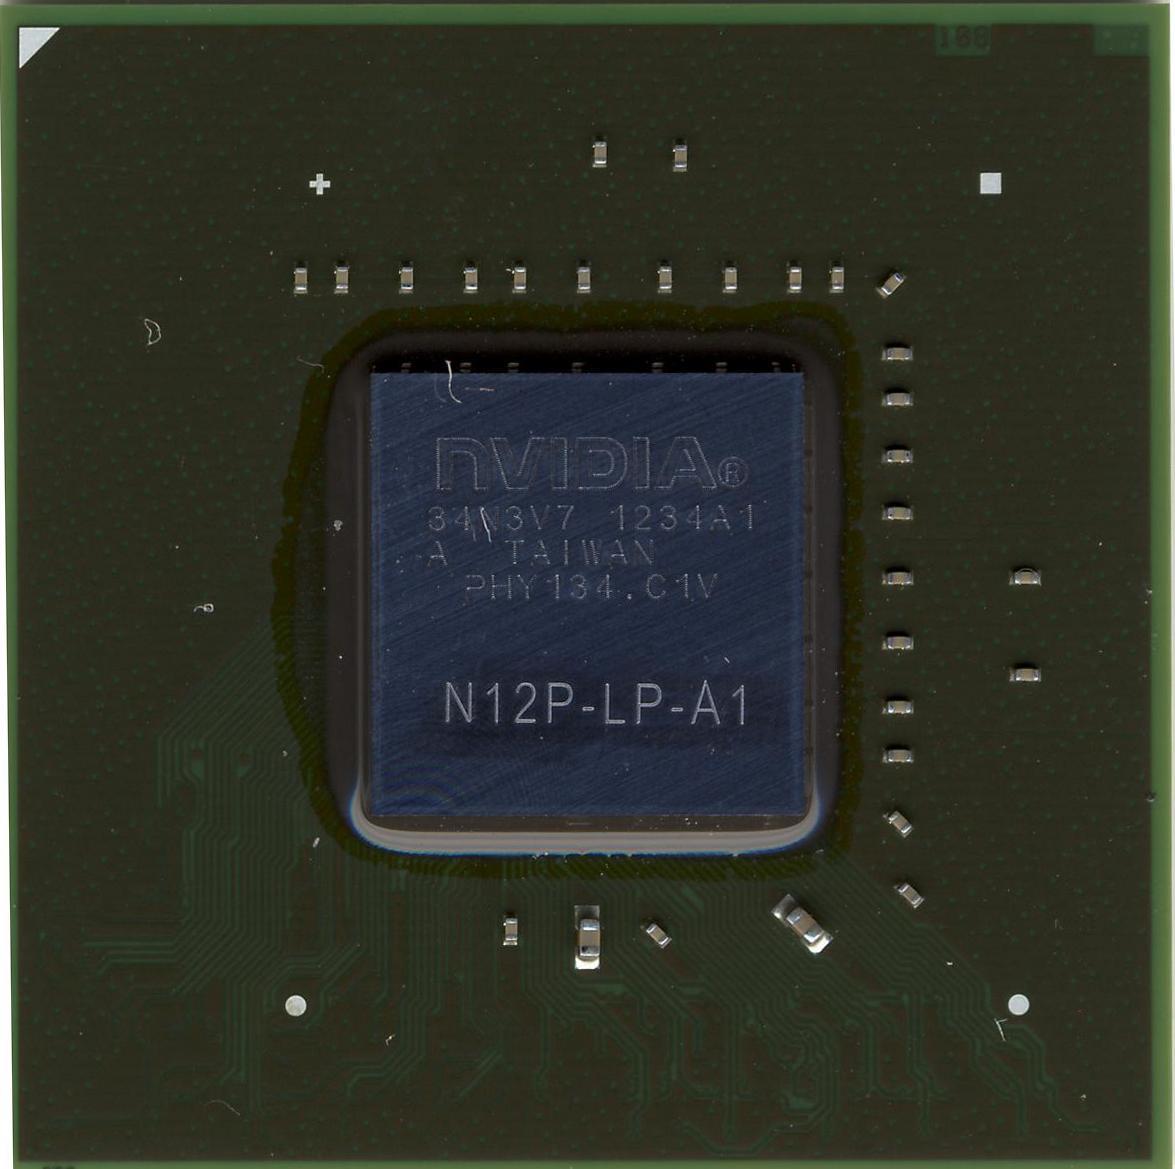 N12P-LP-A1 GT525M